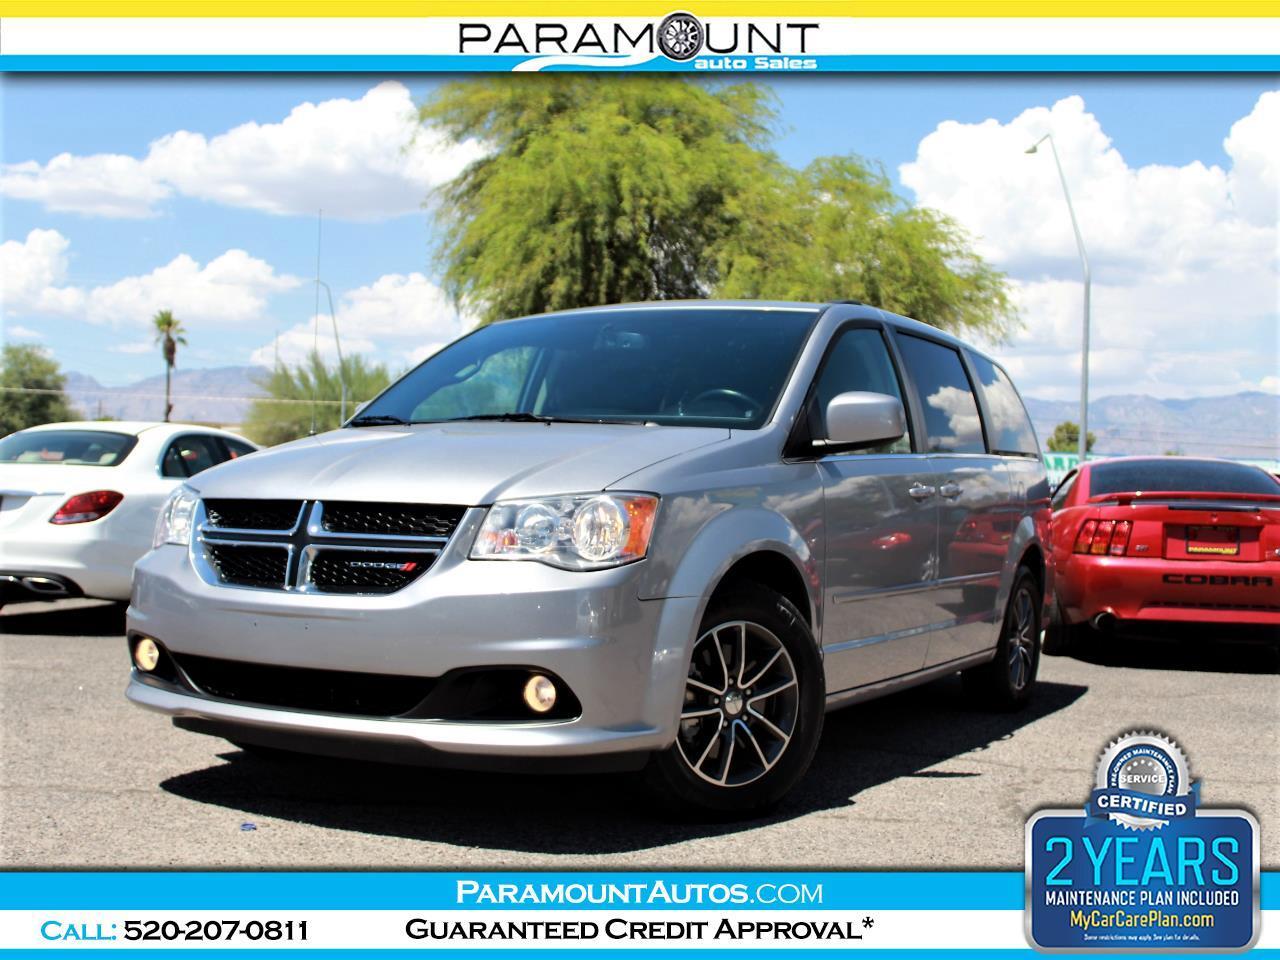 Used 2017 Dodge Grand Caravan Sxt For Sale In Tucson Az 85705 Paramount Auto Sales